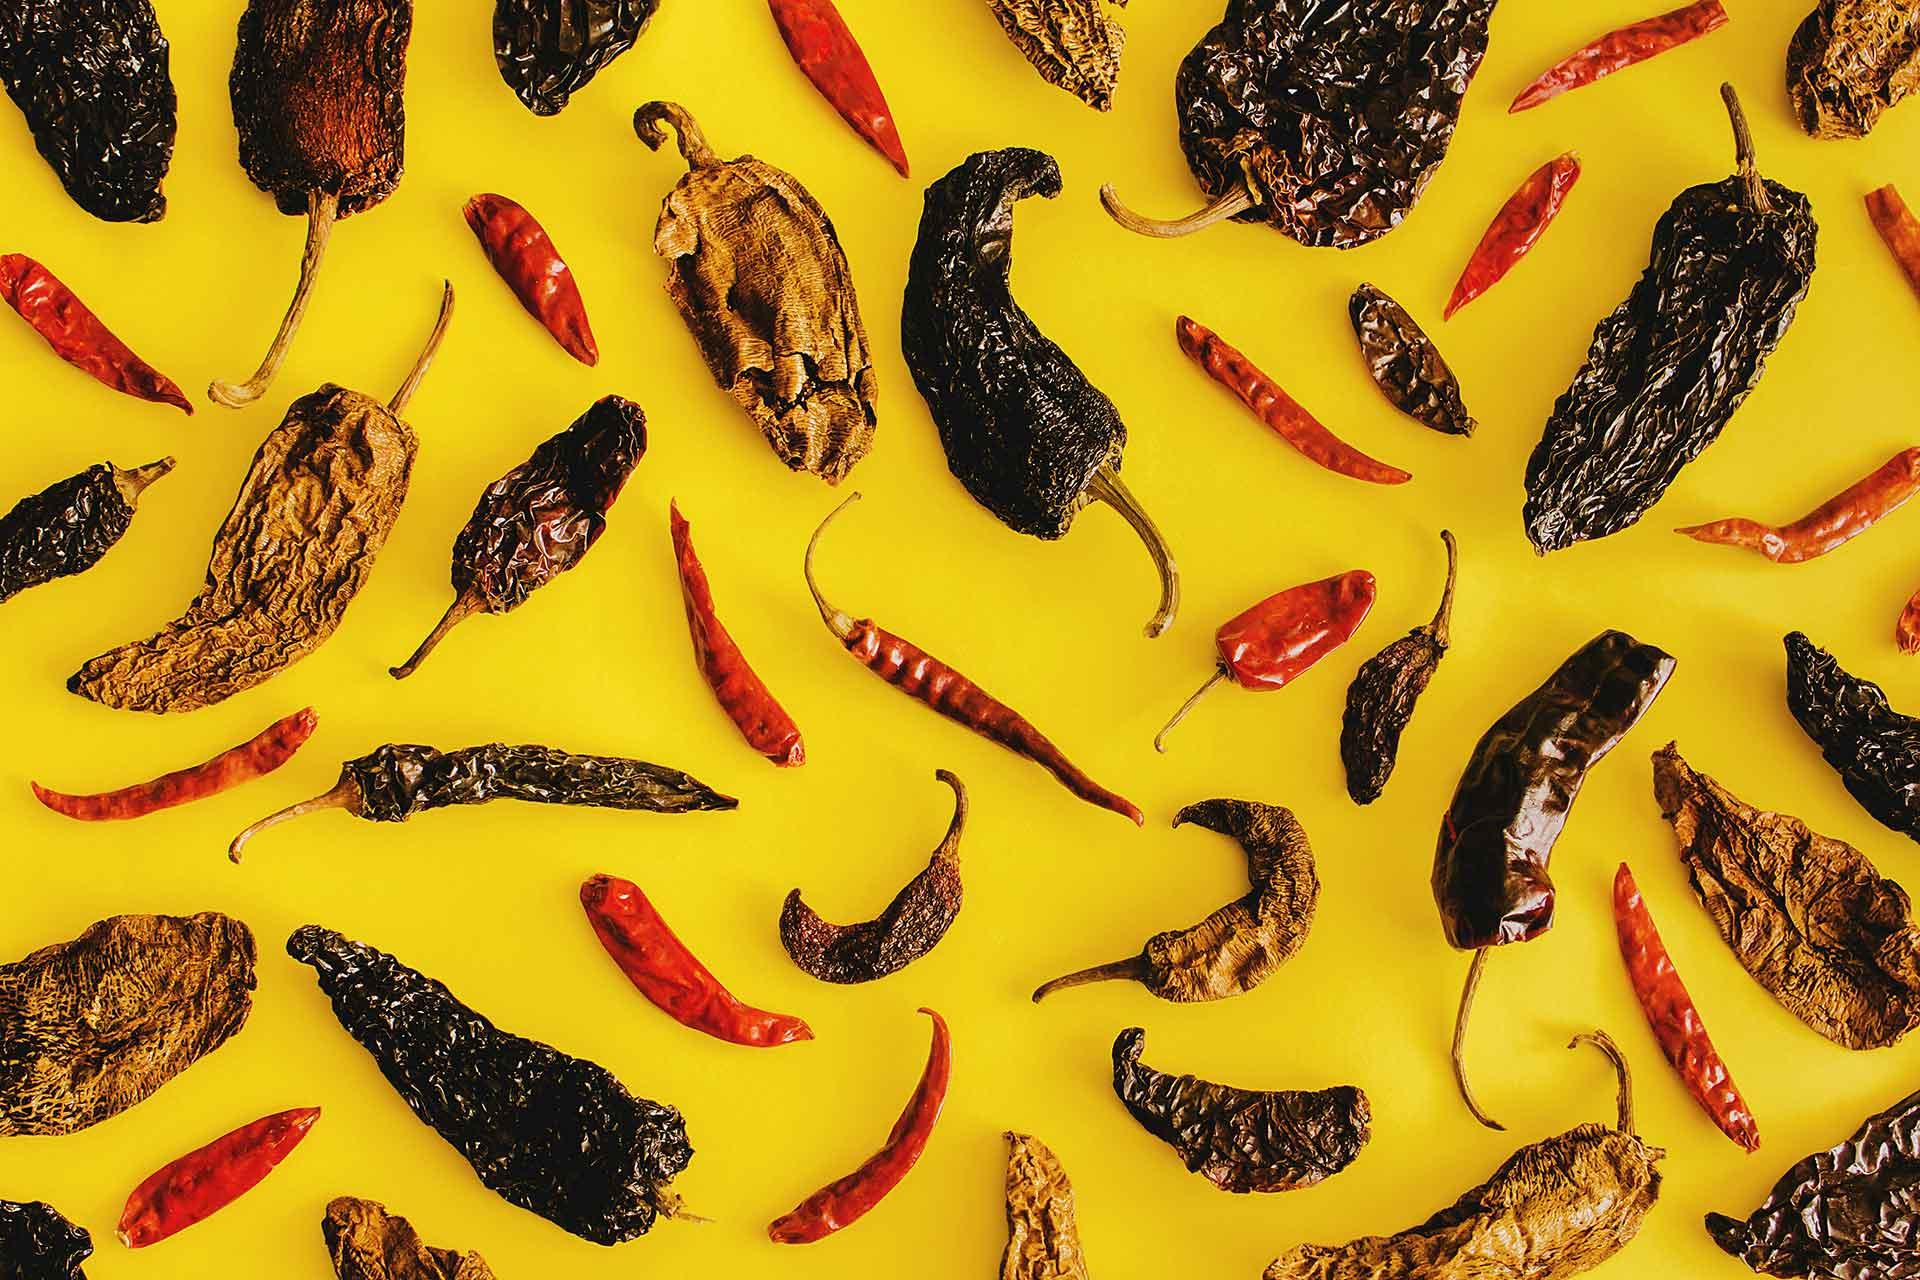 Museo gastronomía mexicana